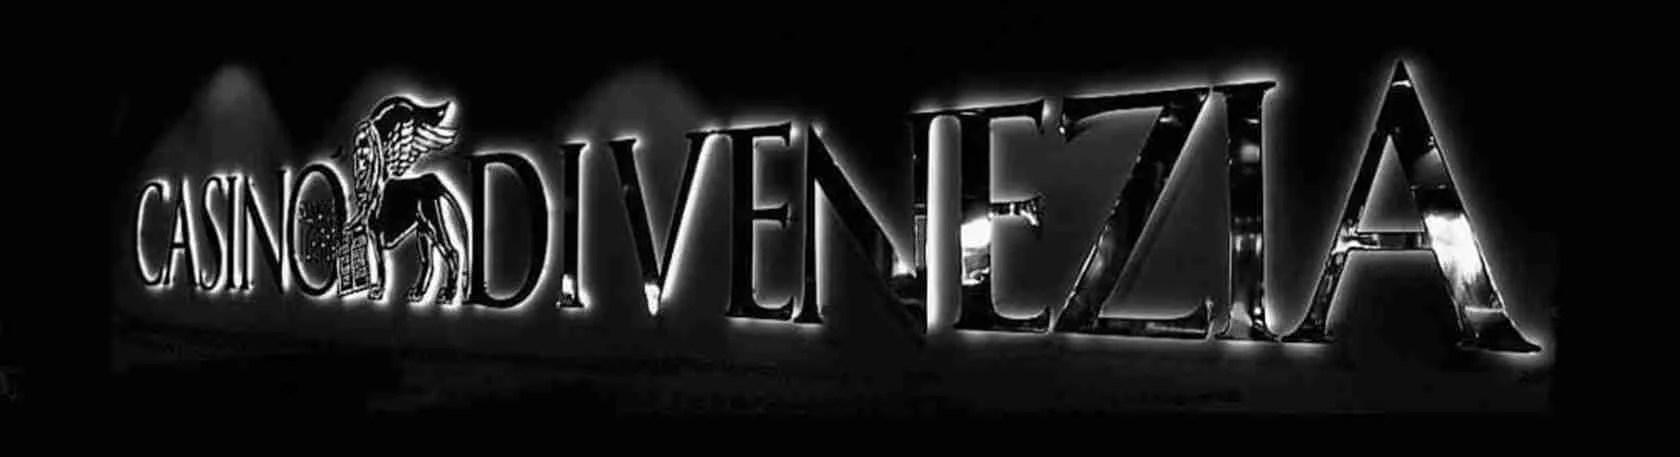 Una serata al Casinò Municipale di Venezia con una escort di alto livello di Venezia. Magica Escort